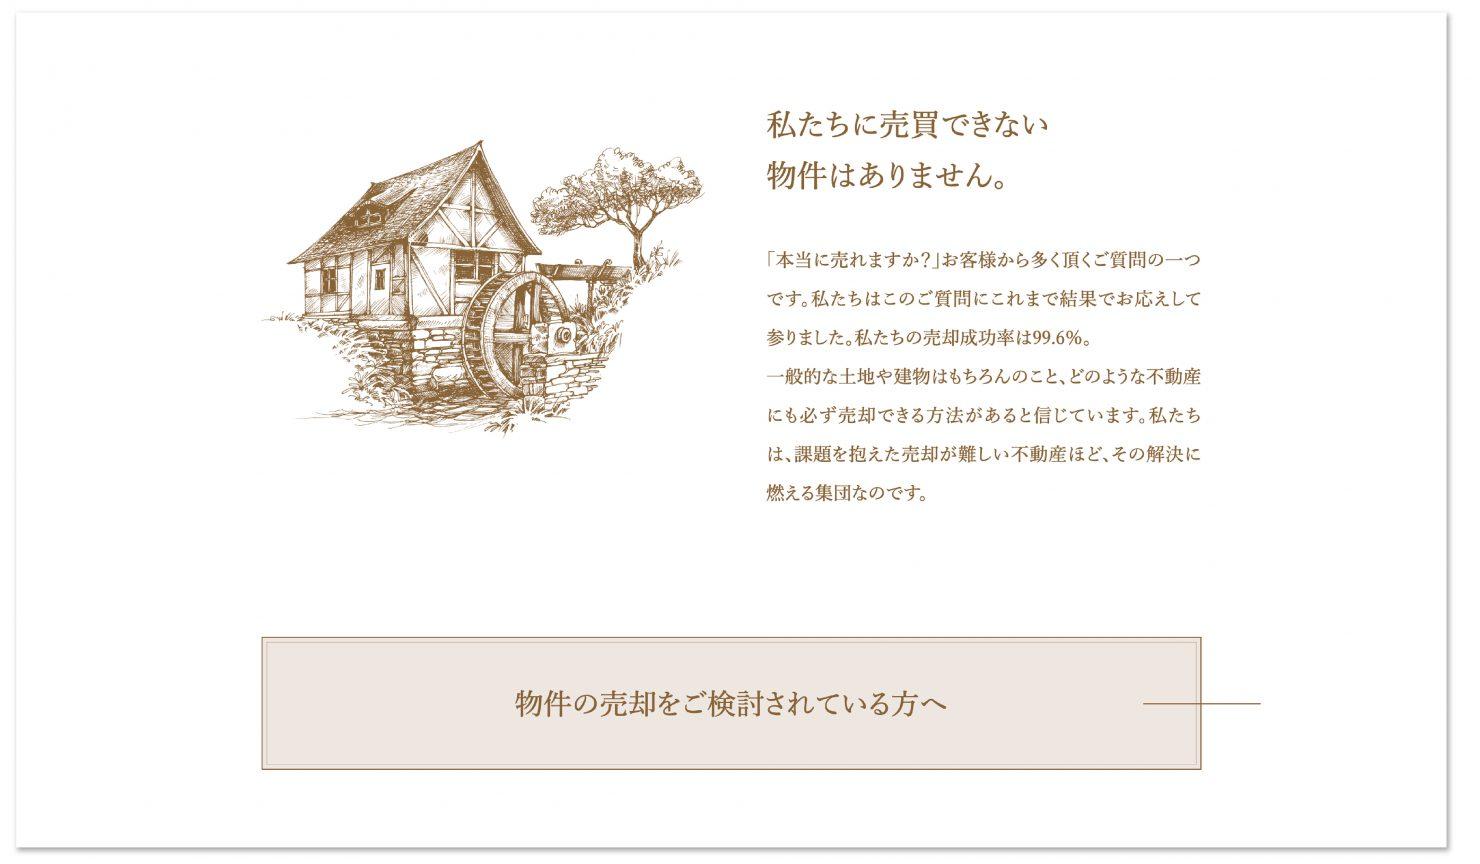 福島県郡山市のデザイン会社ワイアードブレインズの制作実績5